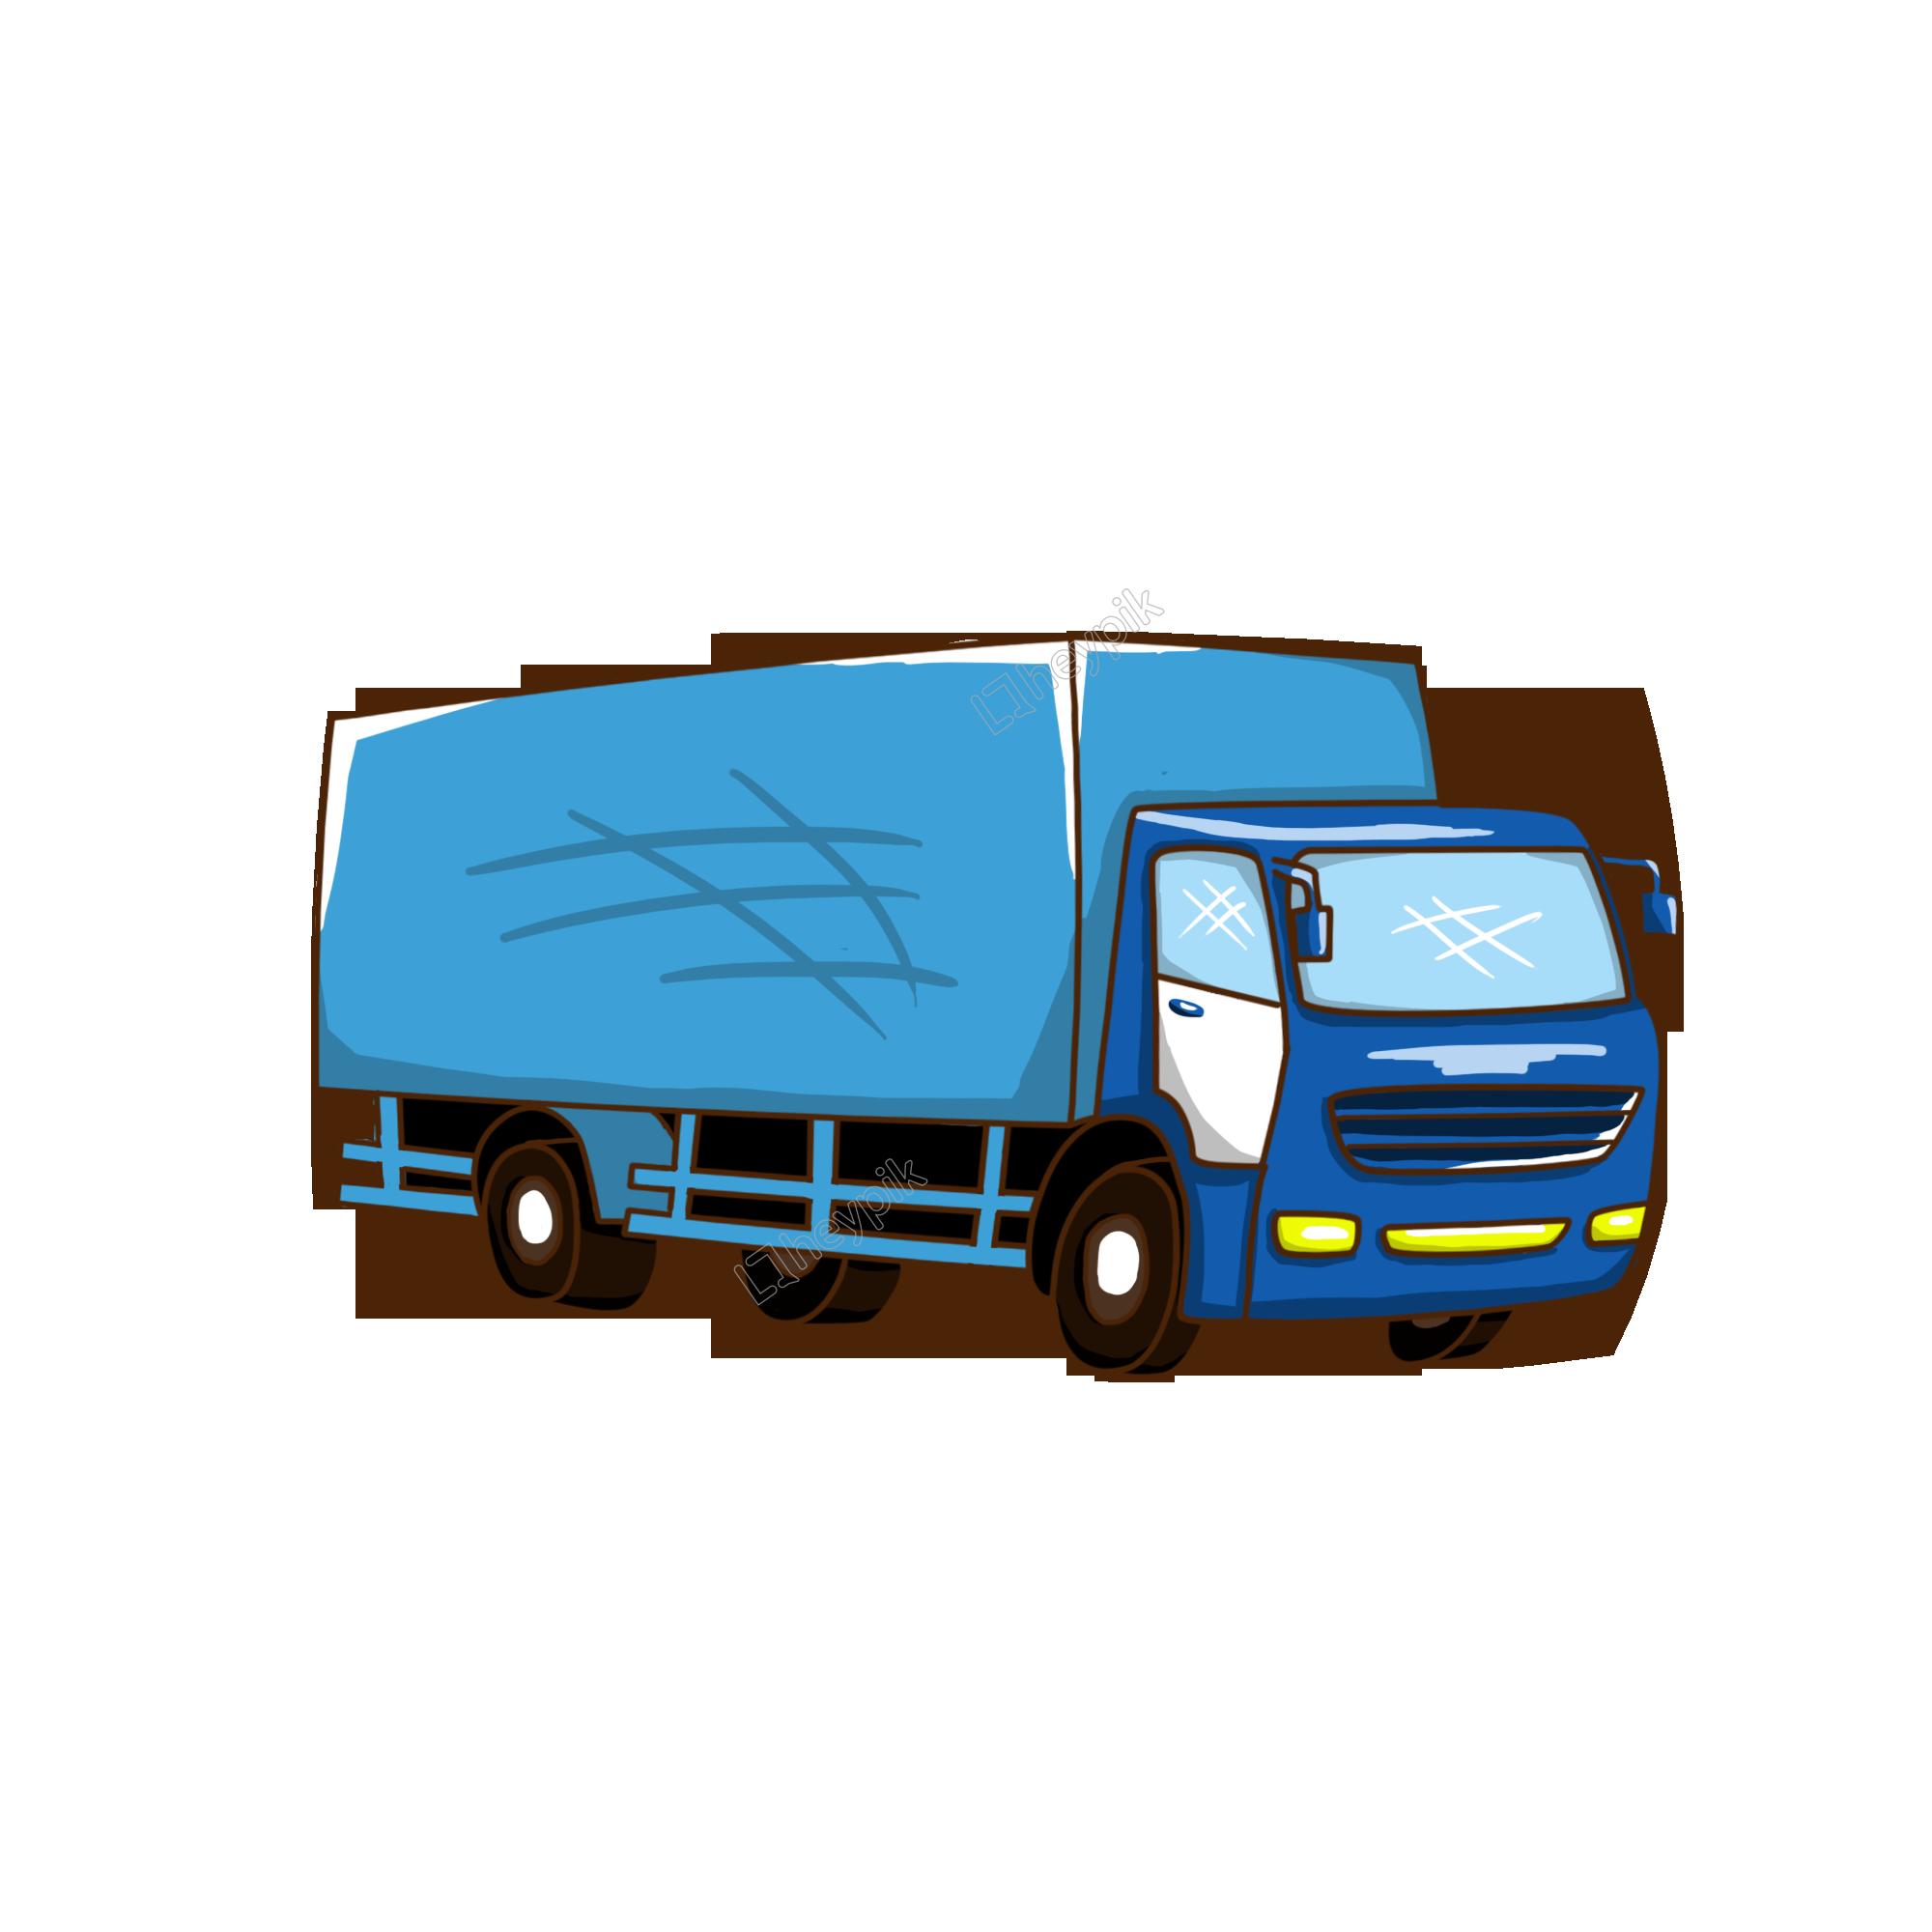 Dibujado A Mano Ilustración Transporte Camión De Dibujos Animados Archivo Png Y Psd Camiones De Transporte Transporte Ilustraciones De Dibujos Animados